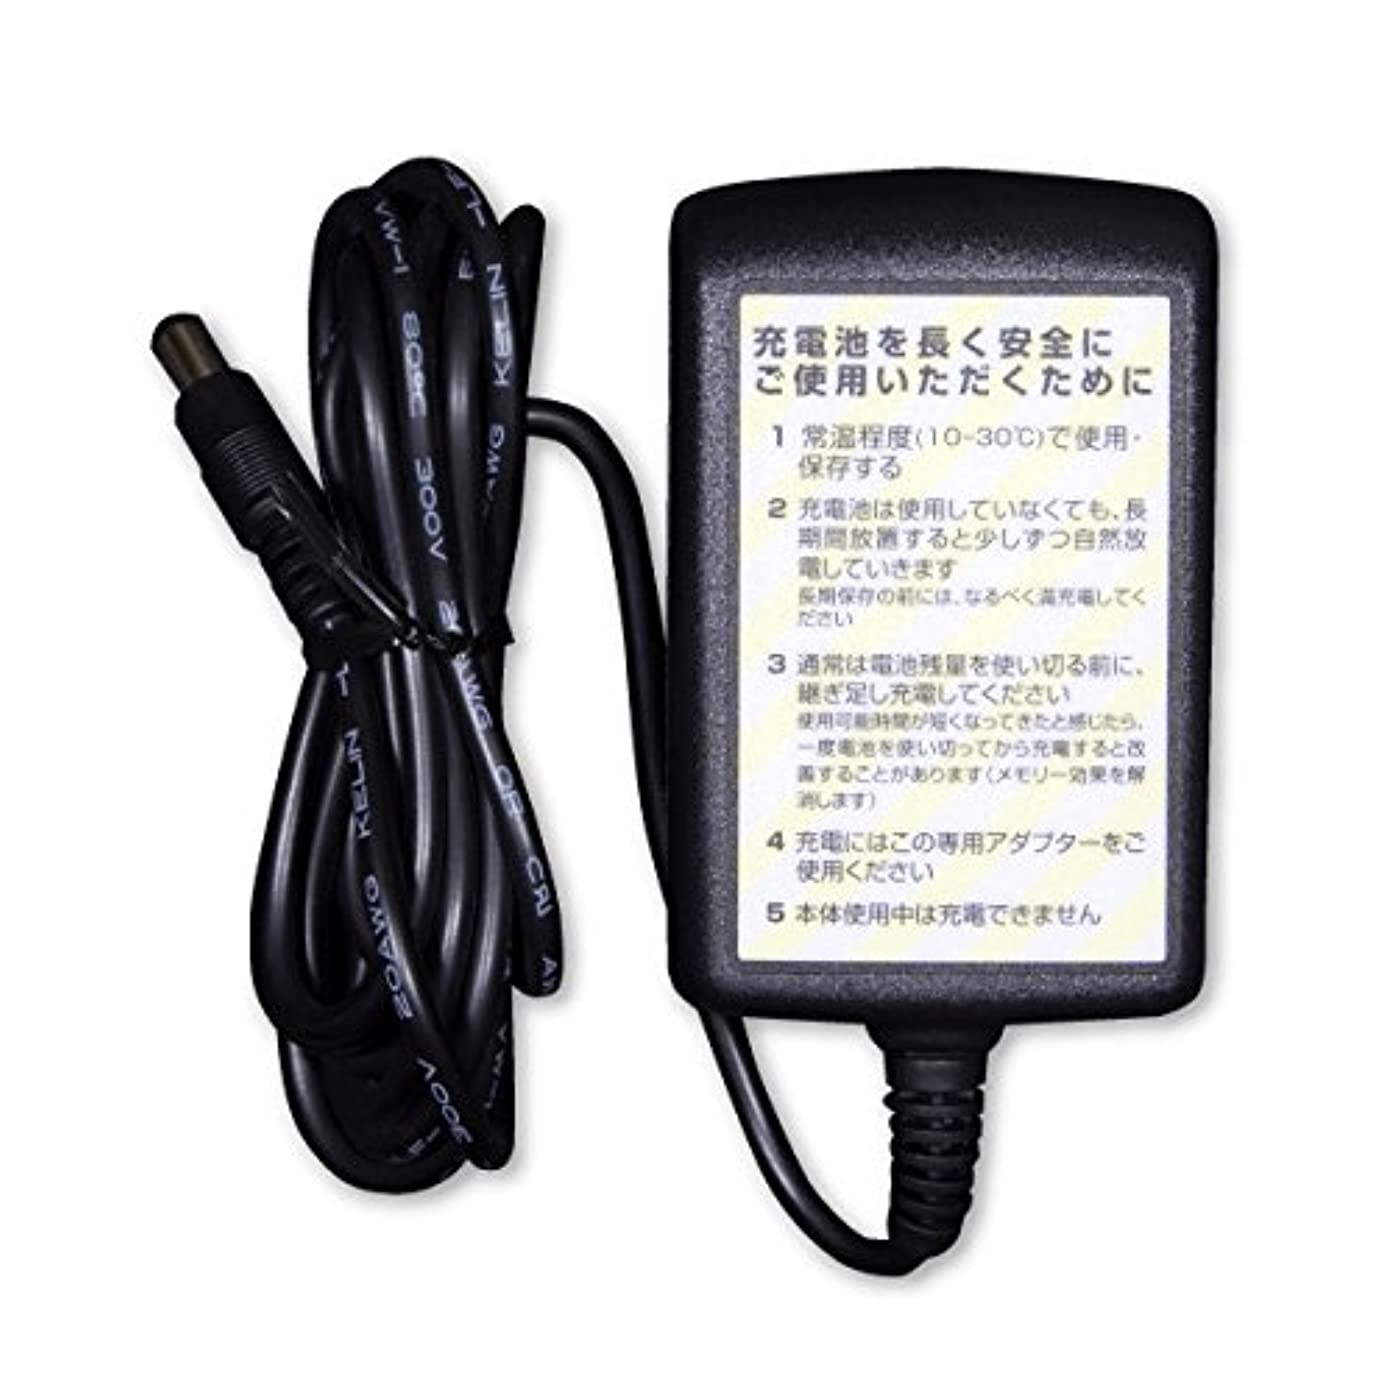 あえぎ雰囲気アスペクトルルド マッサージクッション専用アダプター (AX-HL248用)